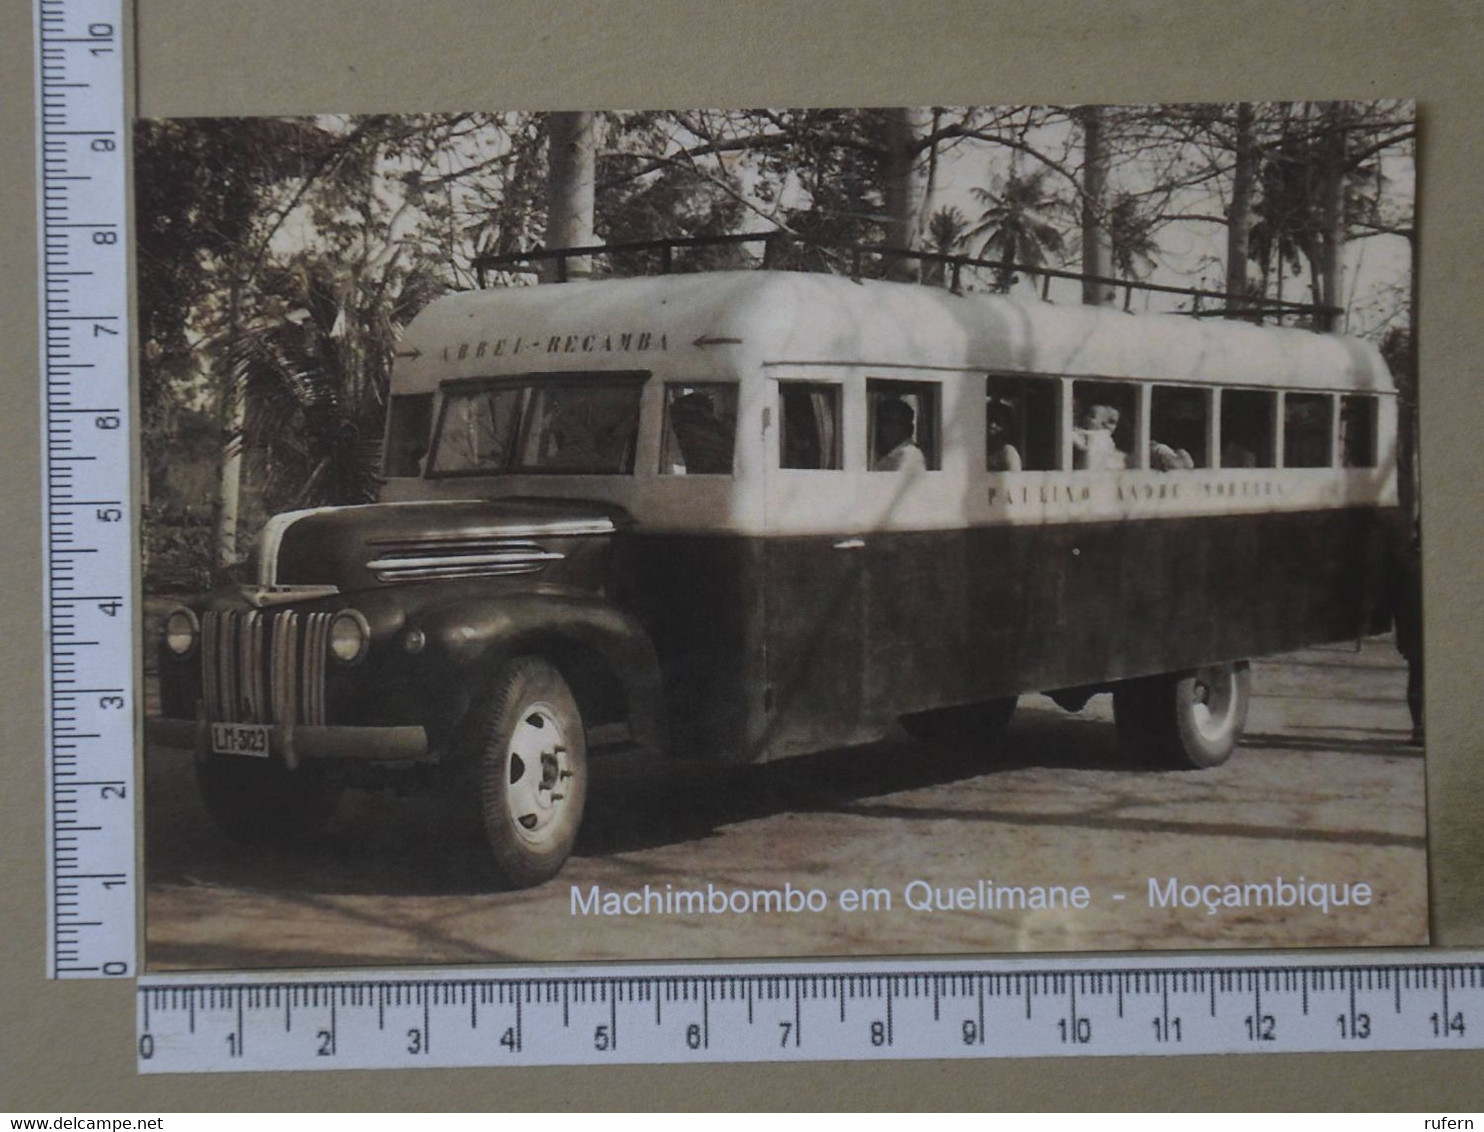 MOZAMBIQUE - MACHIMBOMBO -  QUELIMANE -   2 SCANS  - (Nº42586) - Mozambique